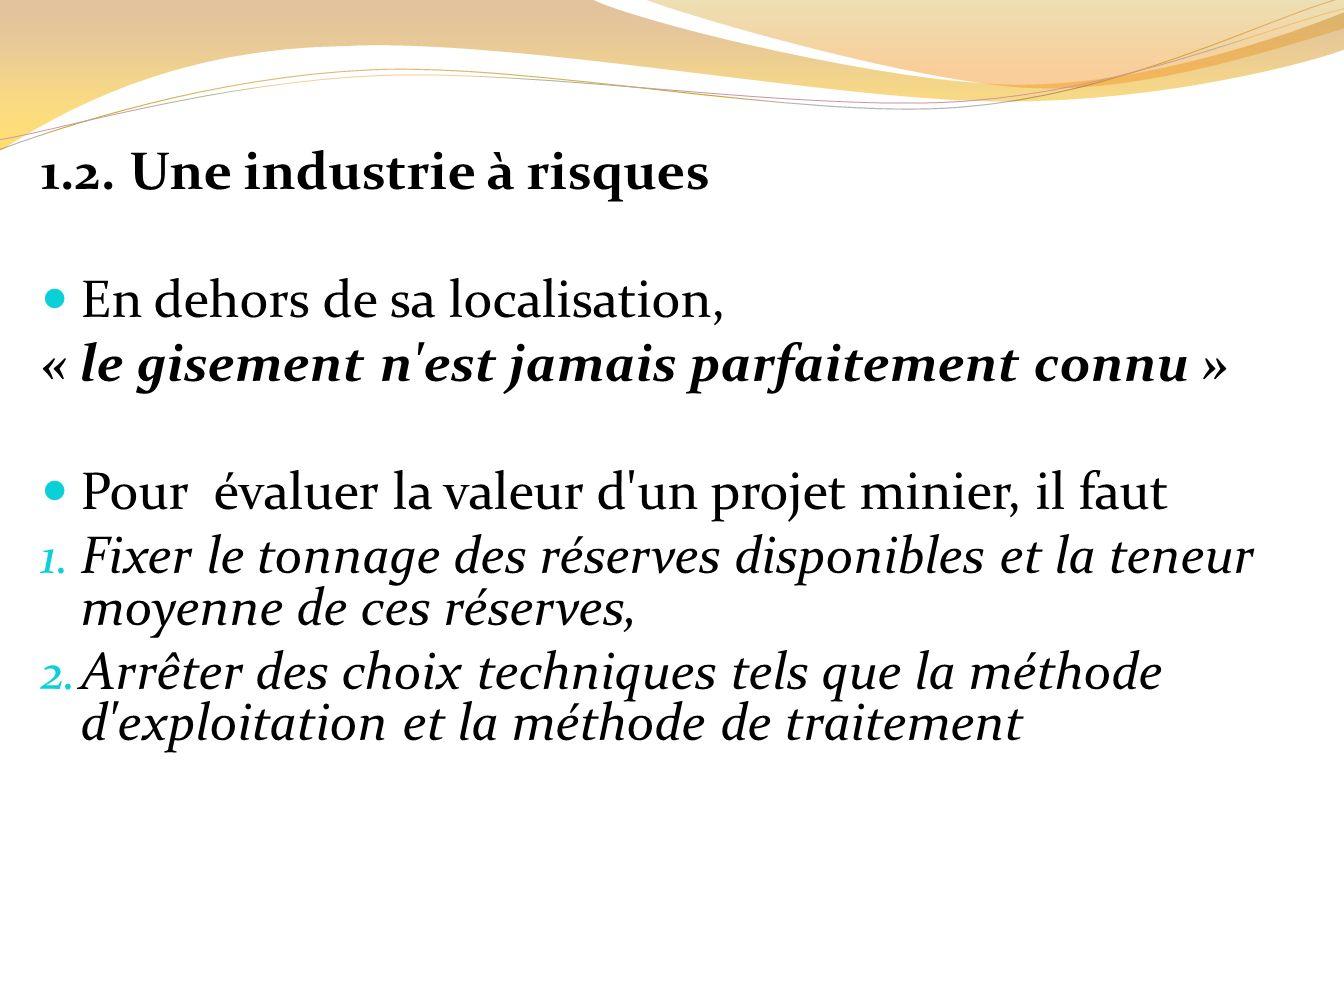 1.2. Une industrie à risques